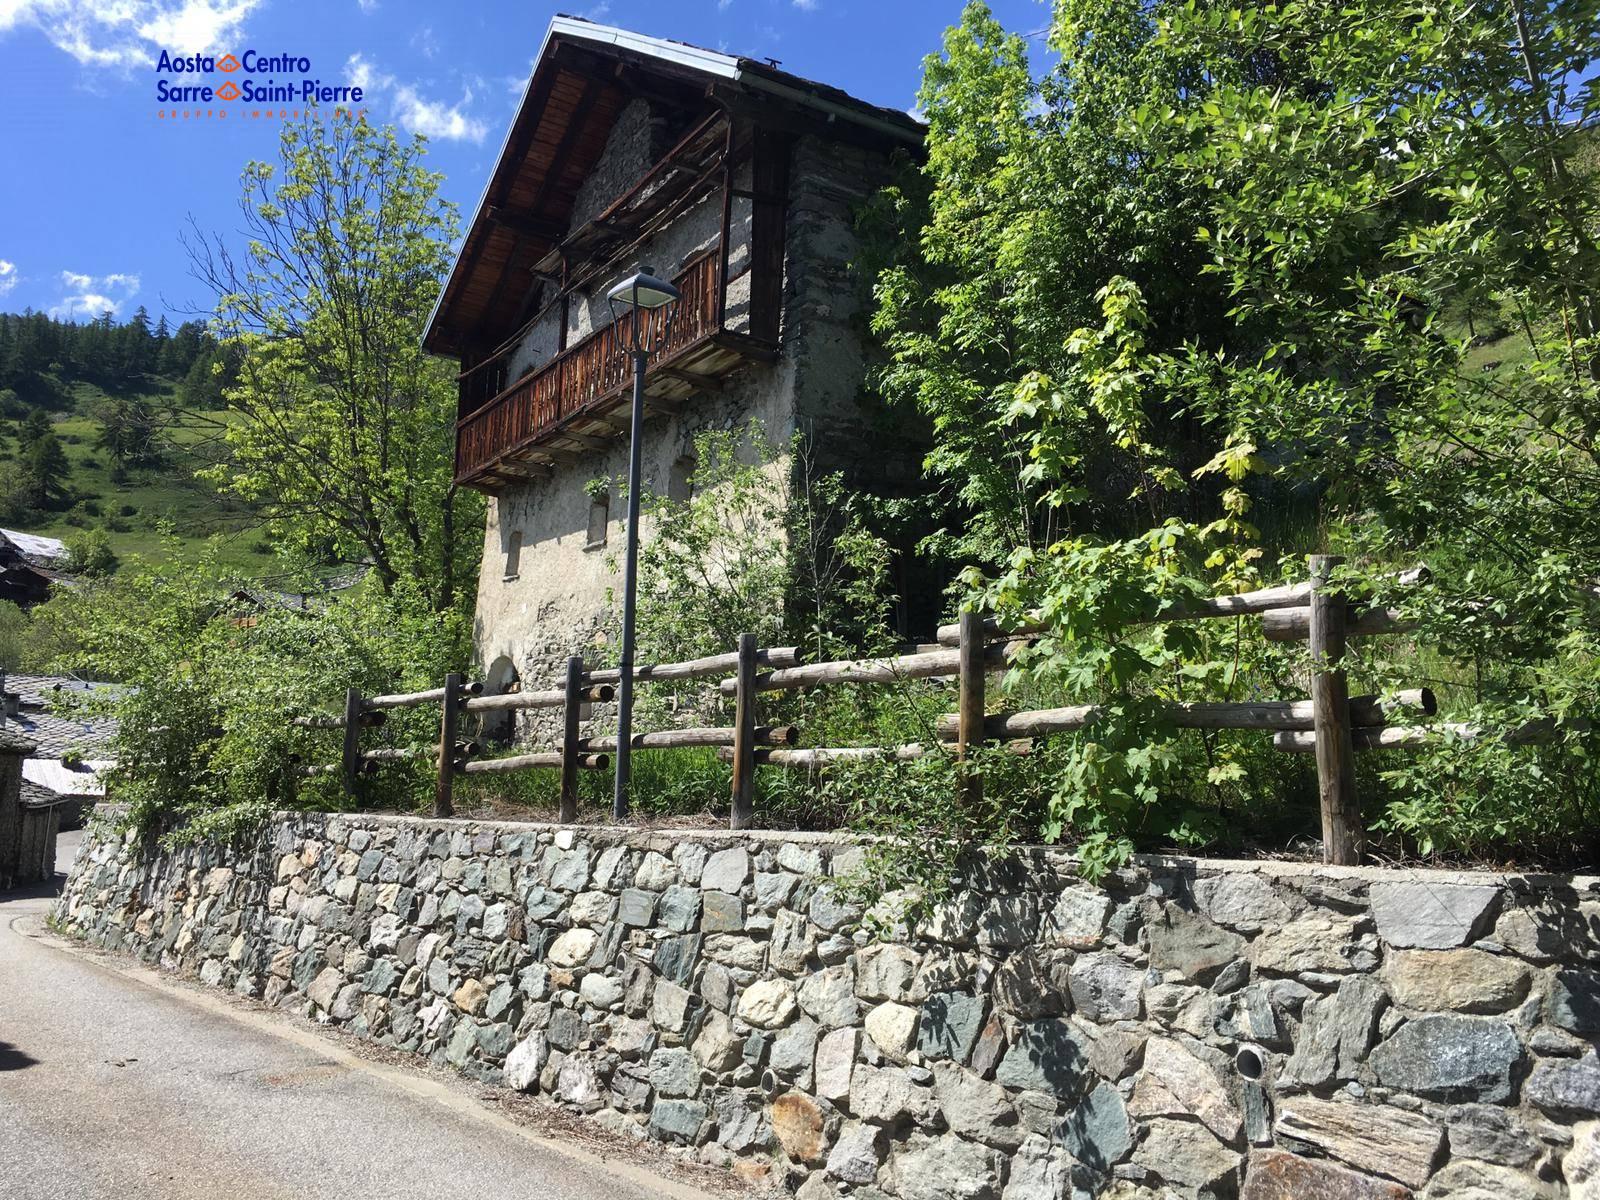 Rustico / Casale in vendita a Etroubles, 8 locali, prezzo € 138.000 | PortaleAgenzieImmobiliari.it